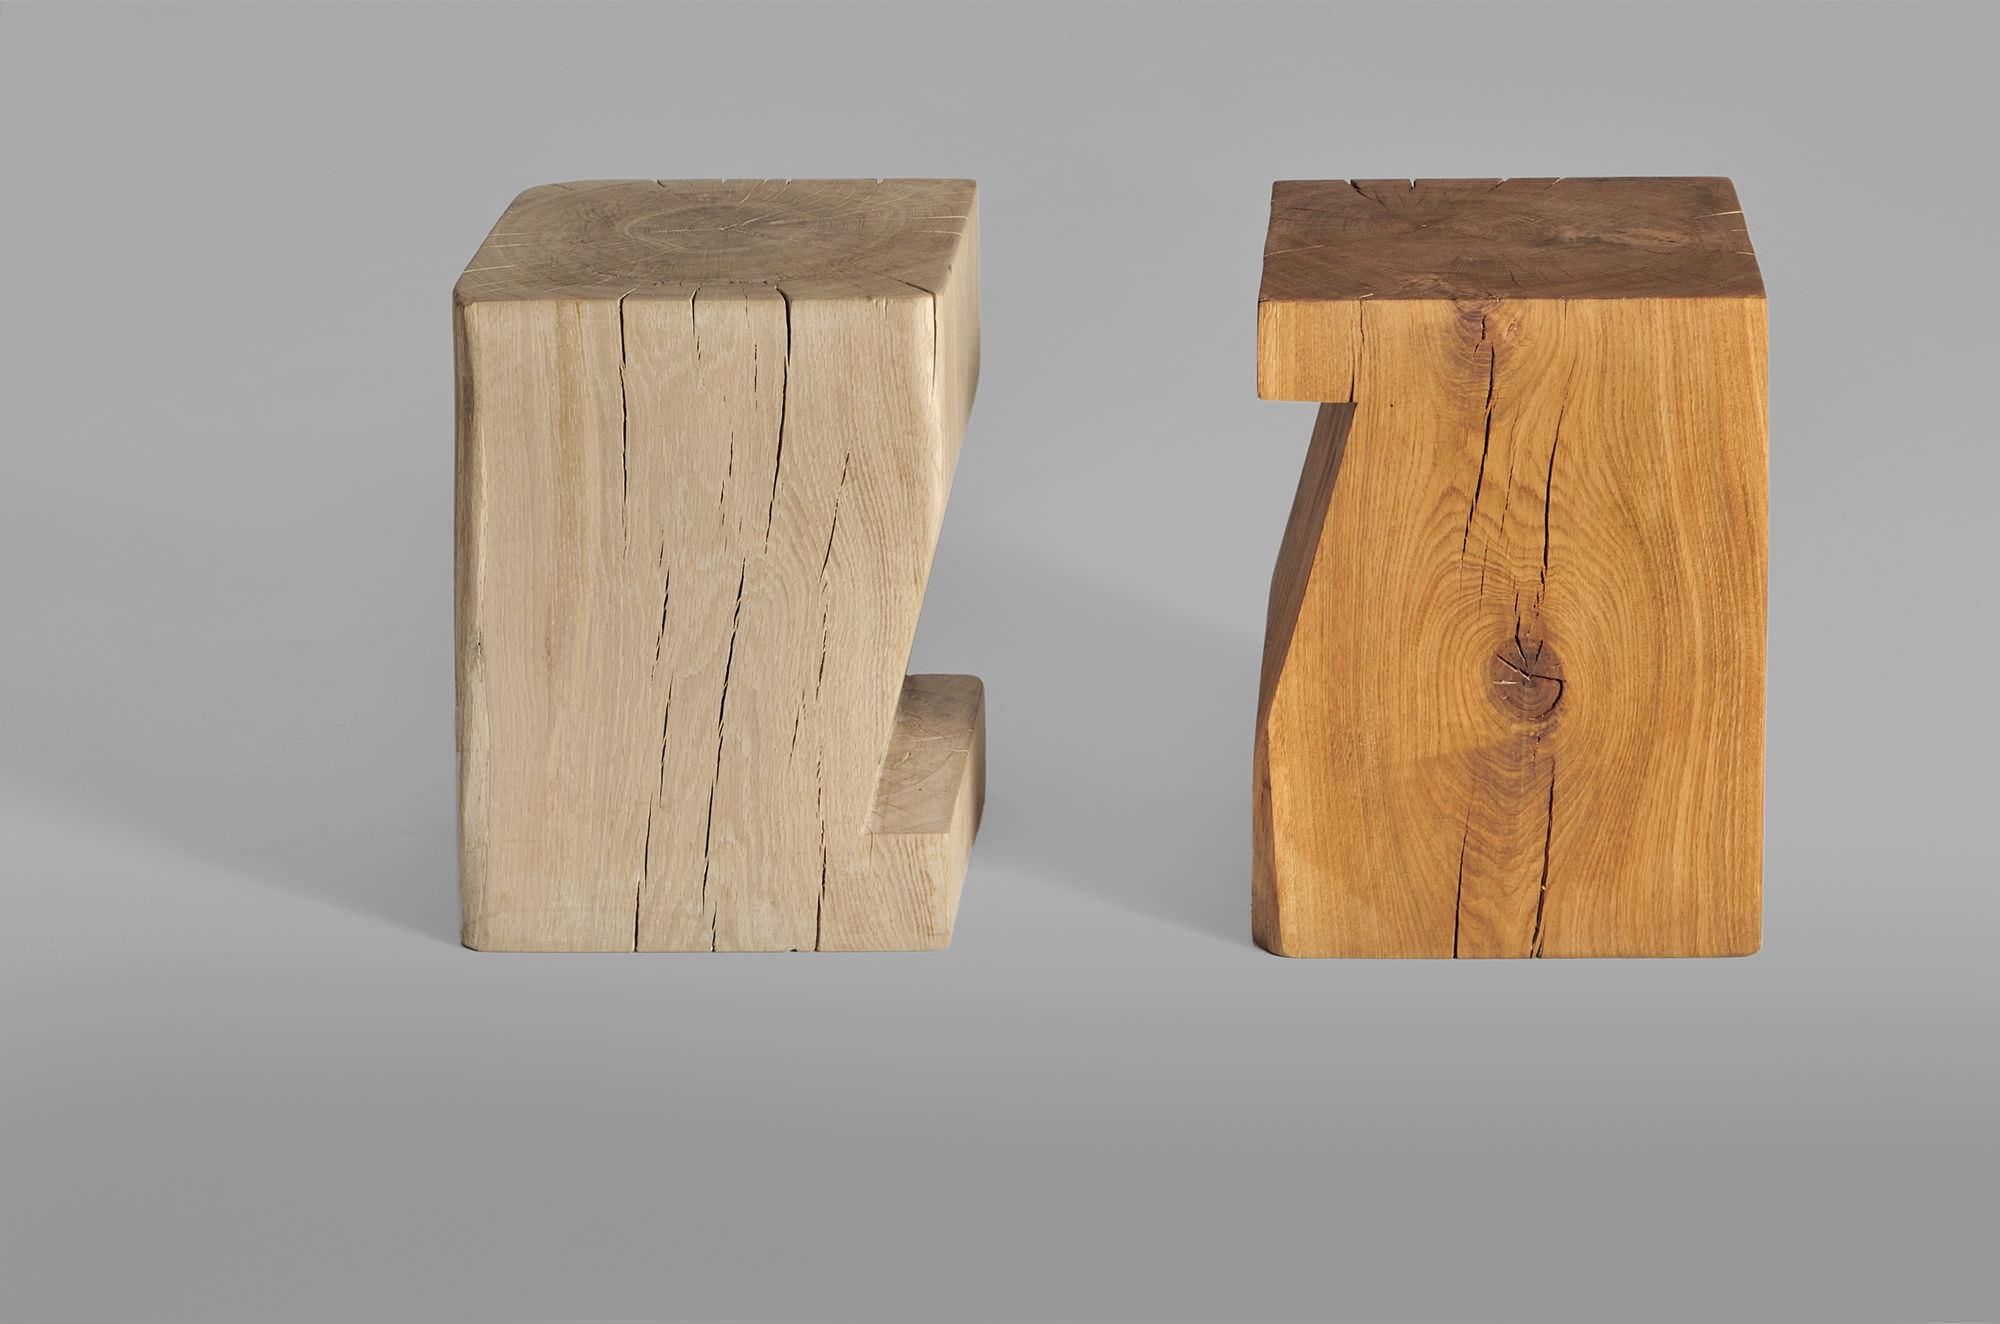 Sgabello design scandinavo in quercia in legno massiccio in